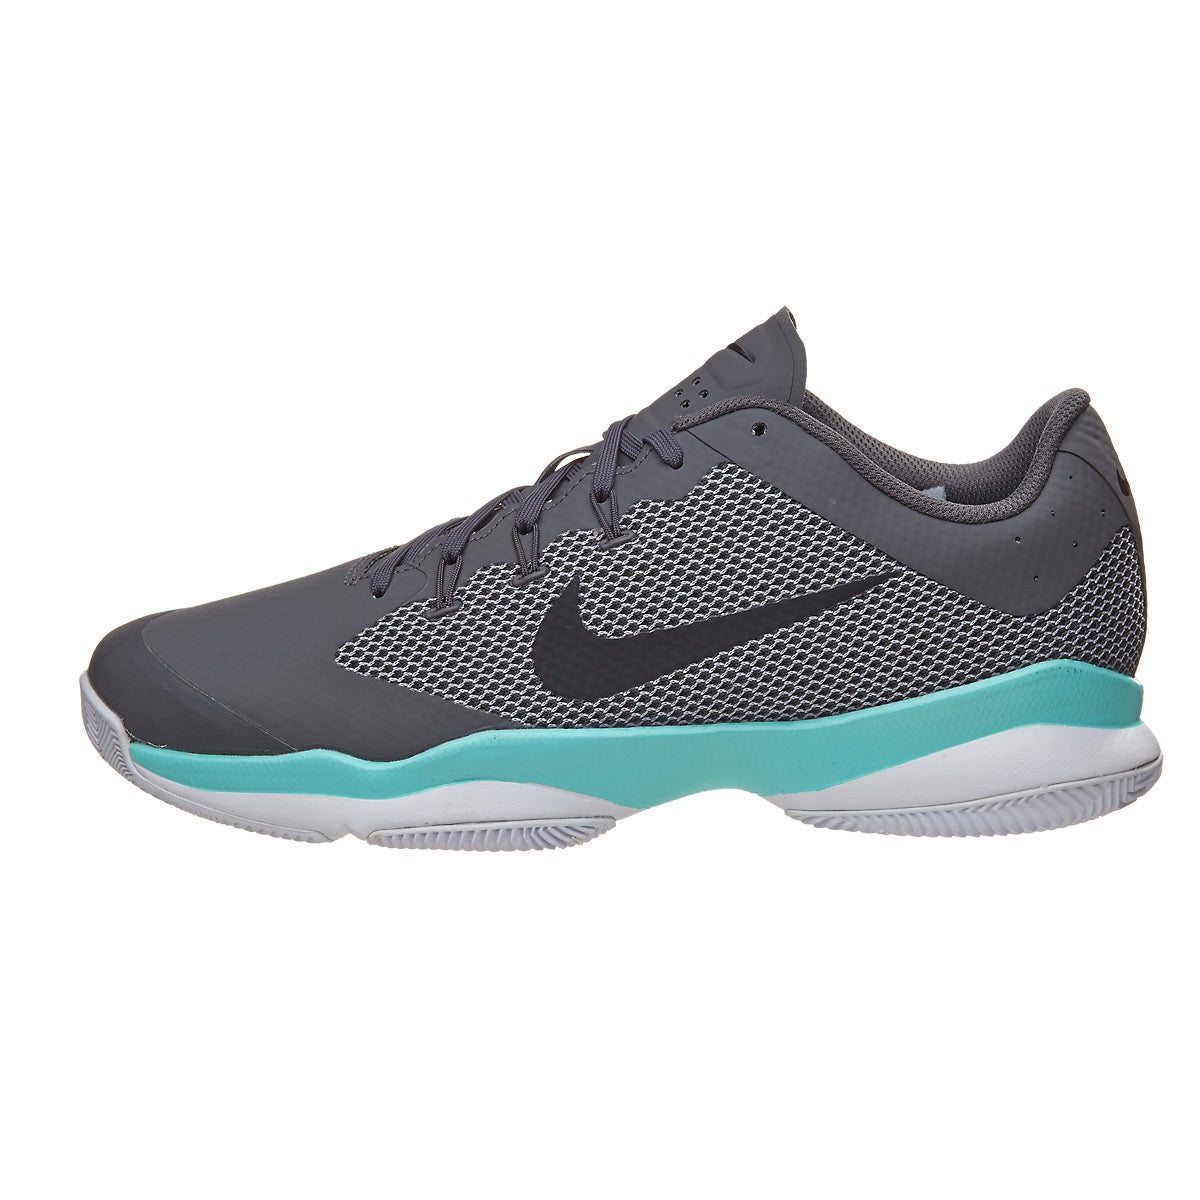 Nike Air Zoom Ultra Grey/Green Men's Shoe 360° View